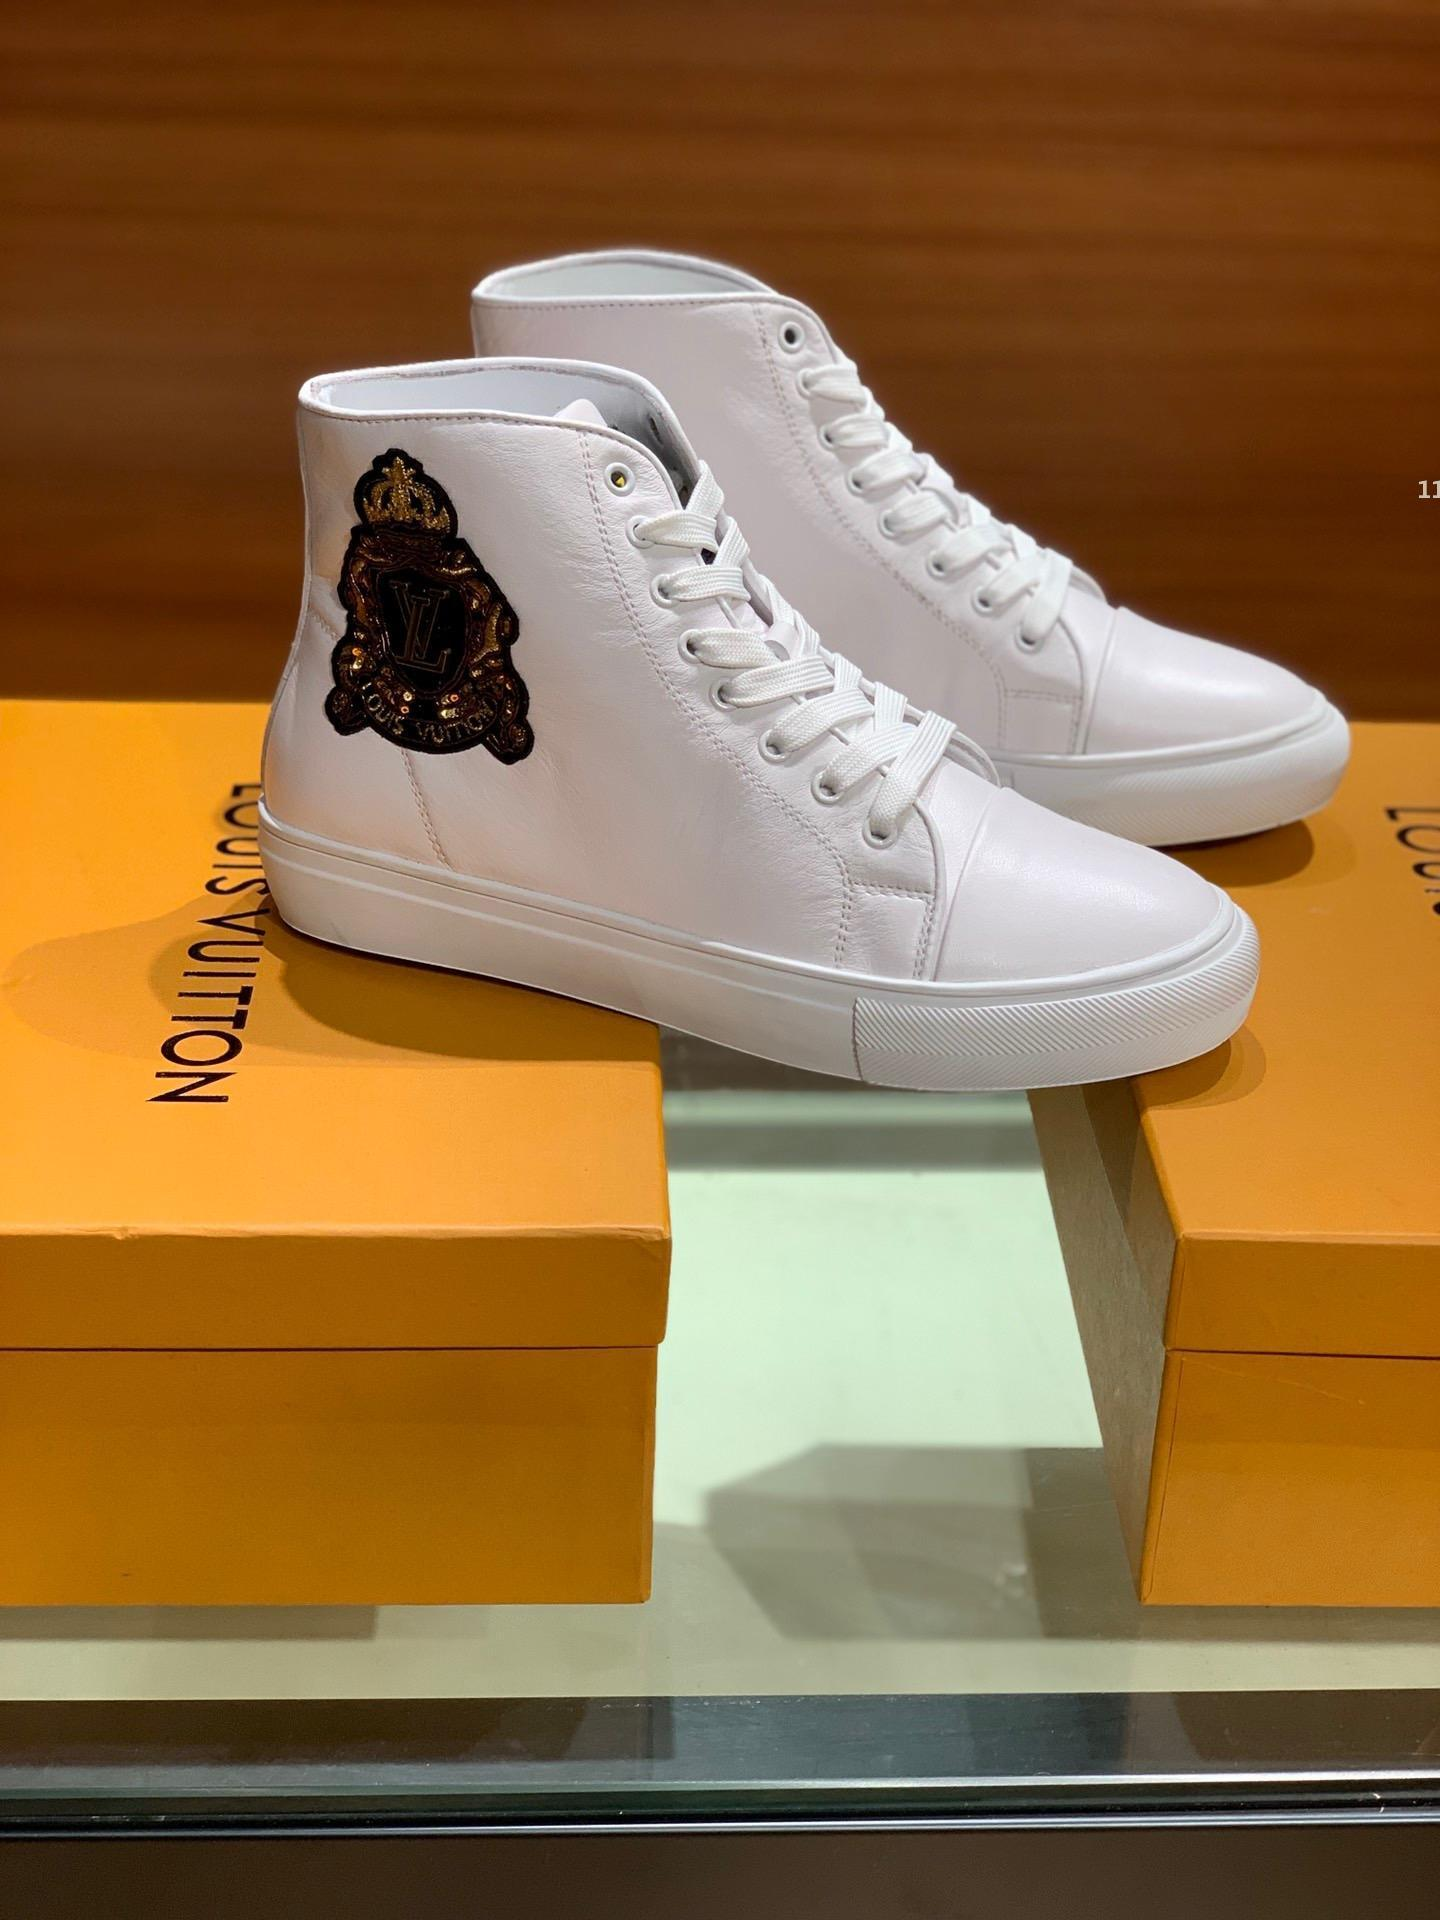 62 роскошных дизайнерских 630 2019 Тройной обувь Paris 17FW Triple-S роскошьдизайнер Sneaker Темно-зеленый 3 поколения Of Комбен Leisure D